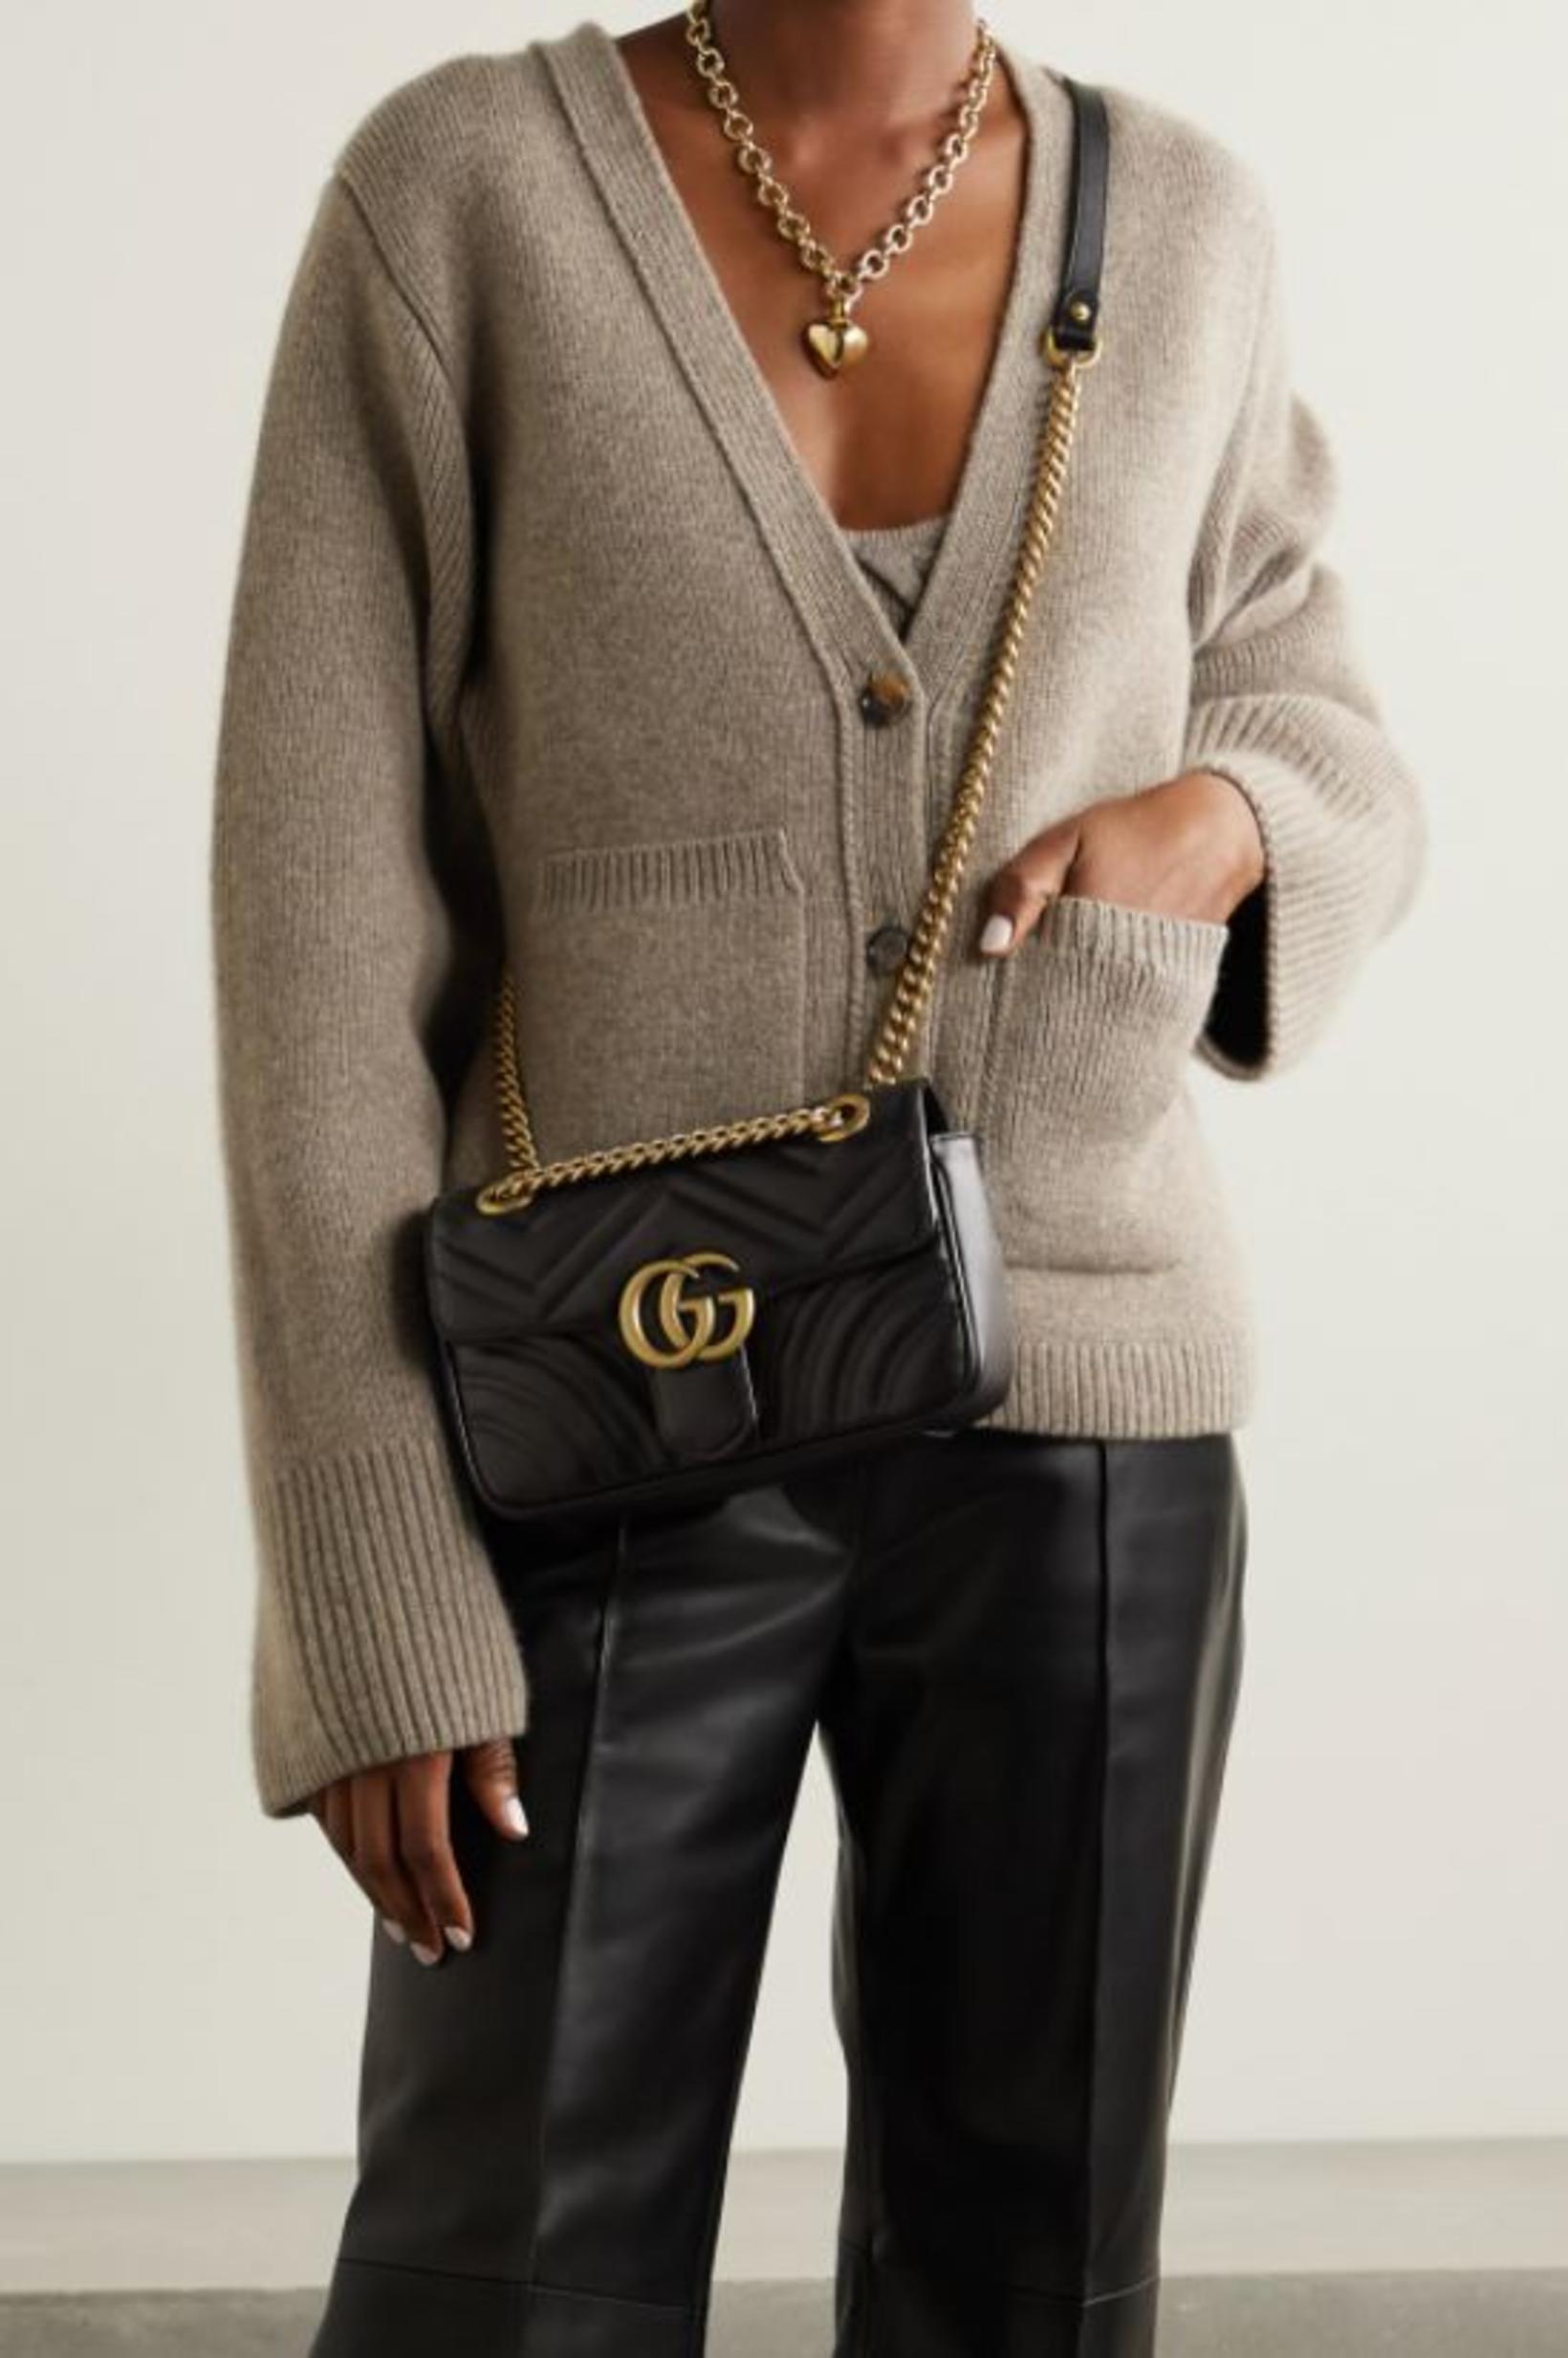 Gucci-taska.